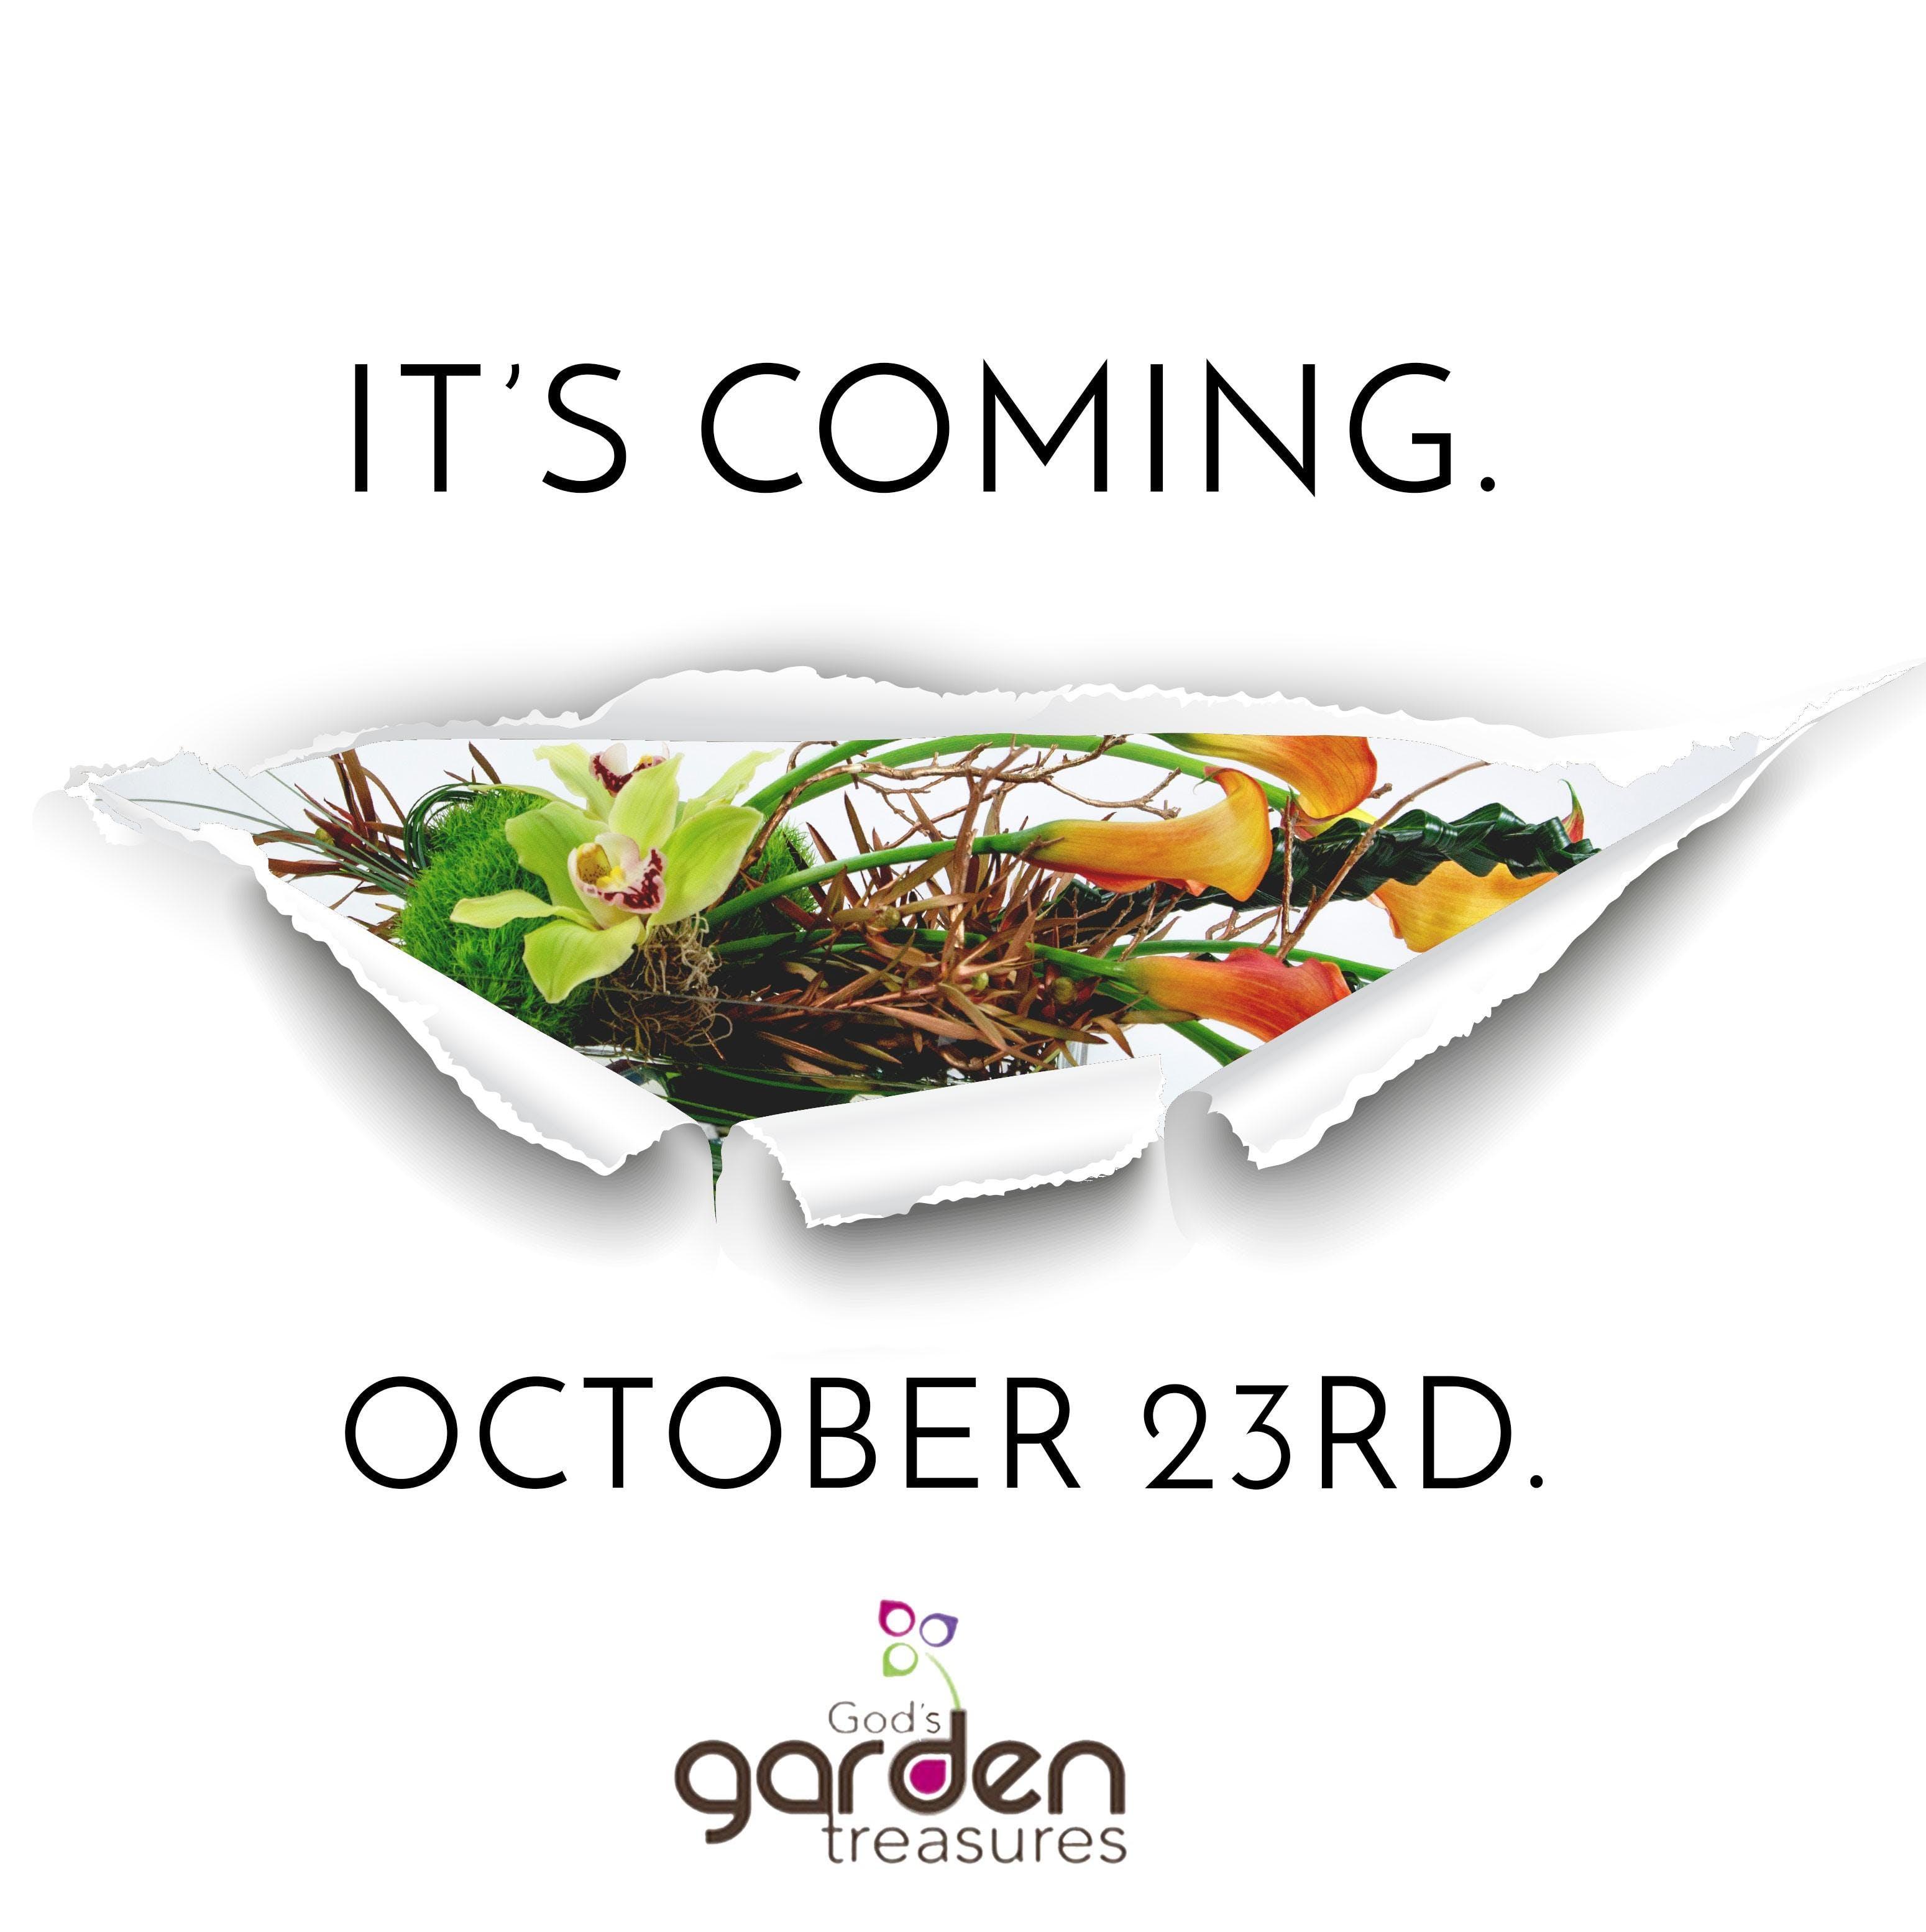 God's Garden Treasures VIP Event